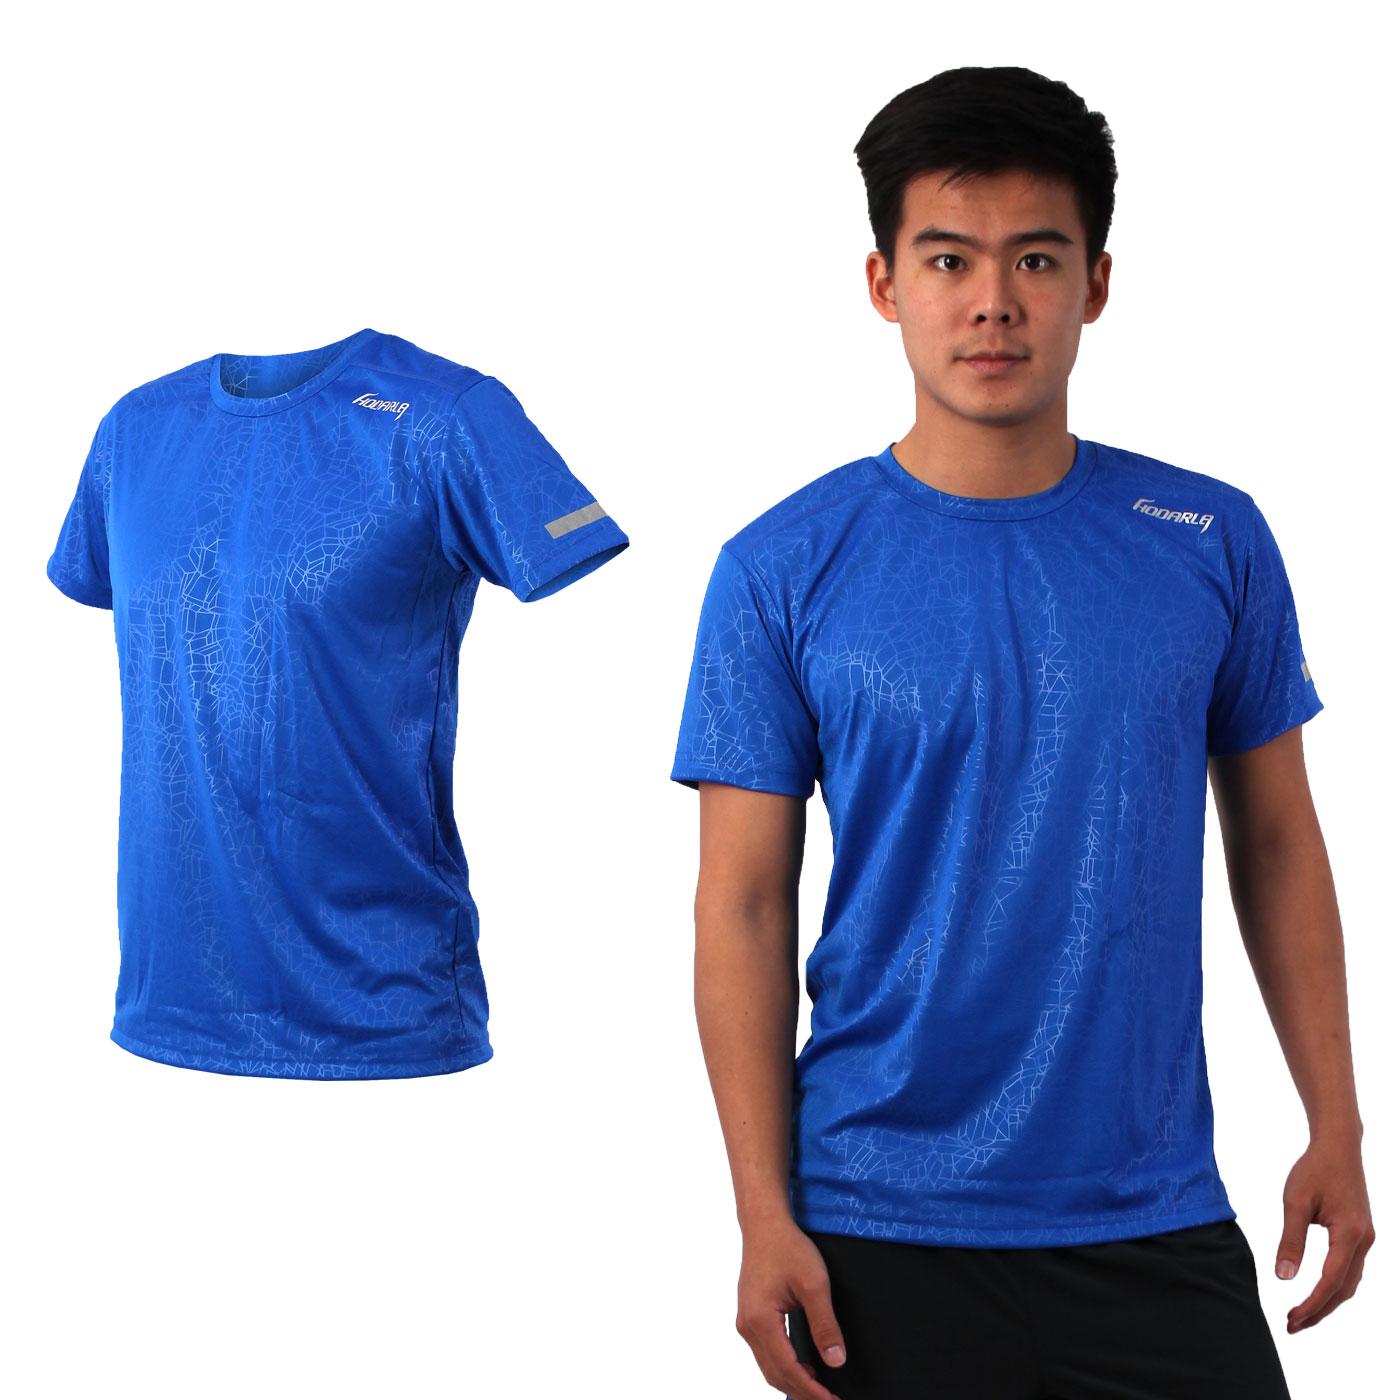 HODARLA 男款卓越短袖T恤 3129801 - 寶藍